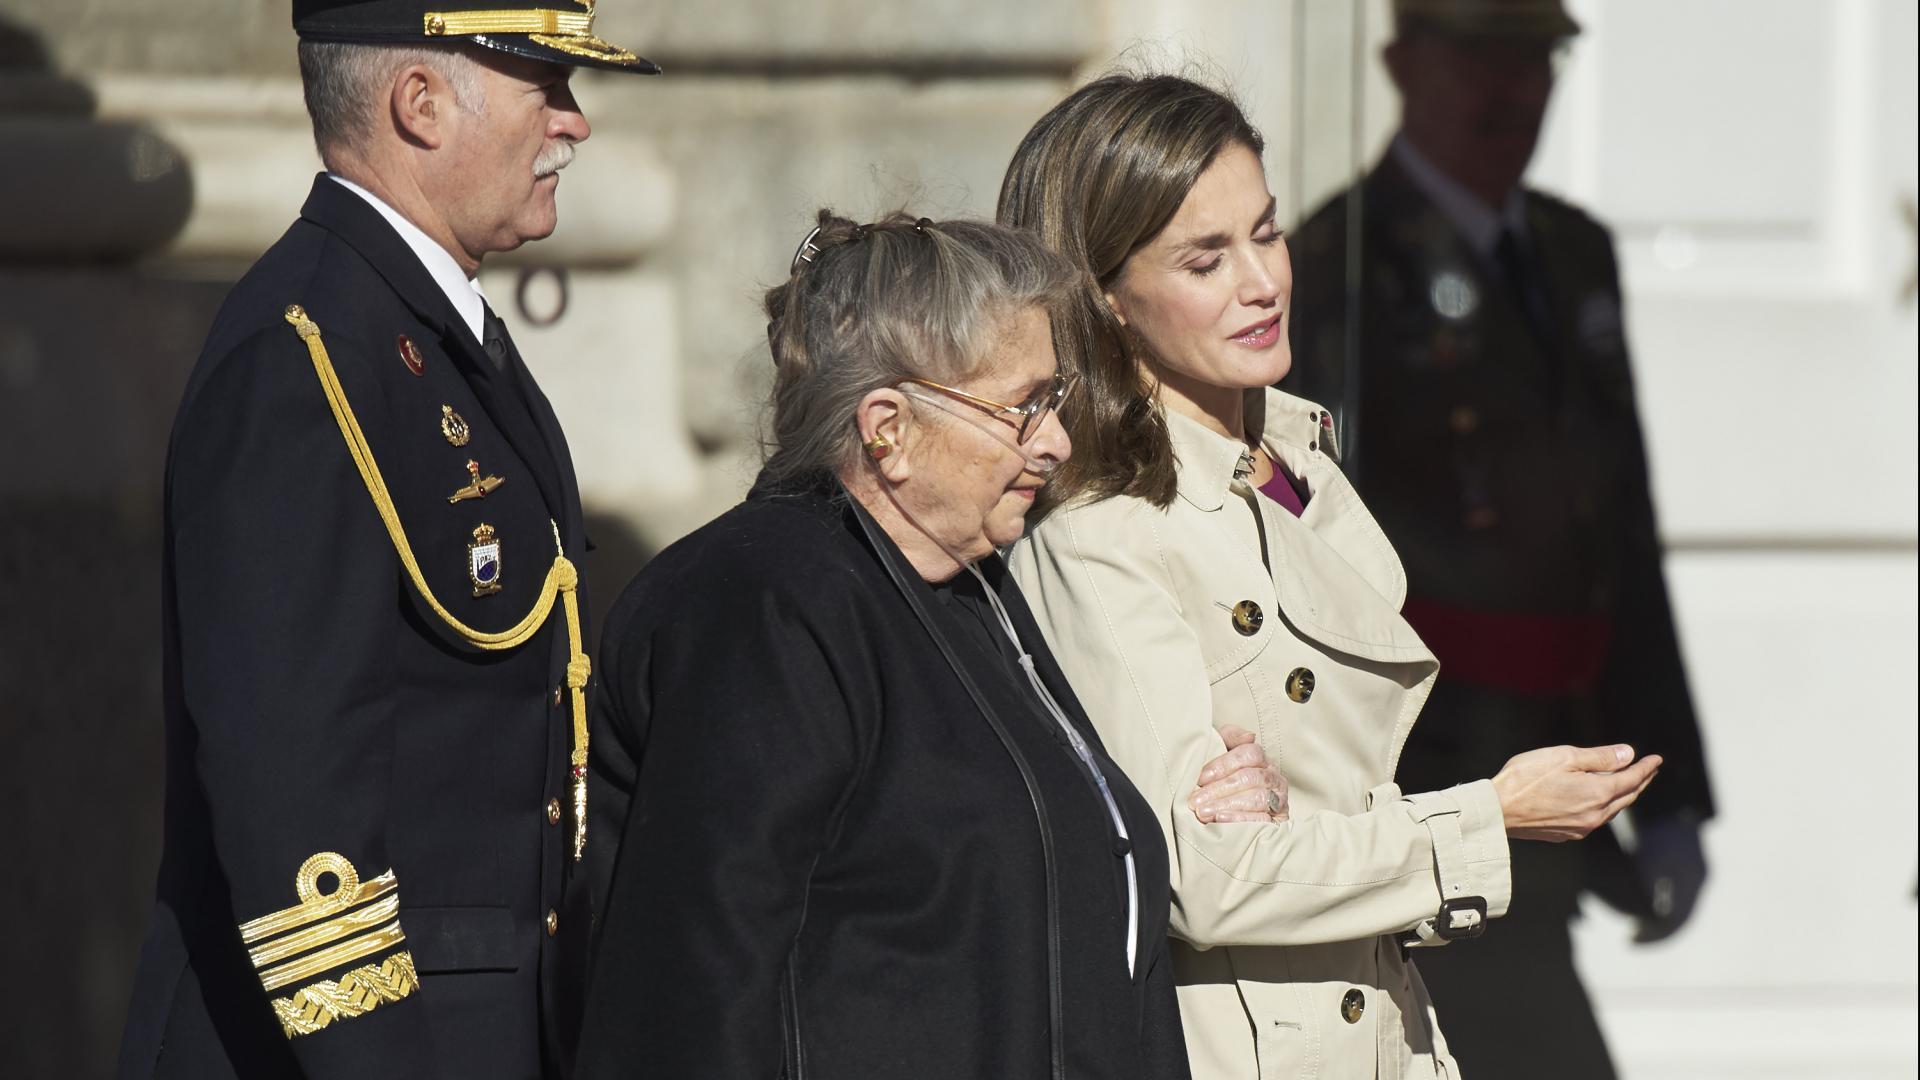 زوجة رئيس إسرائيل تستعين برئة شاب ميت للتنفس.. وسيدة أخرى تأخذ قلبه